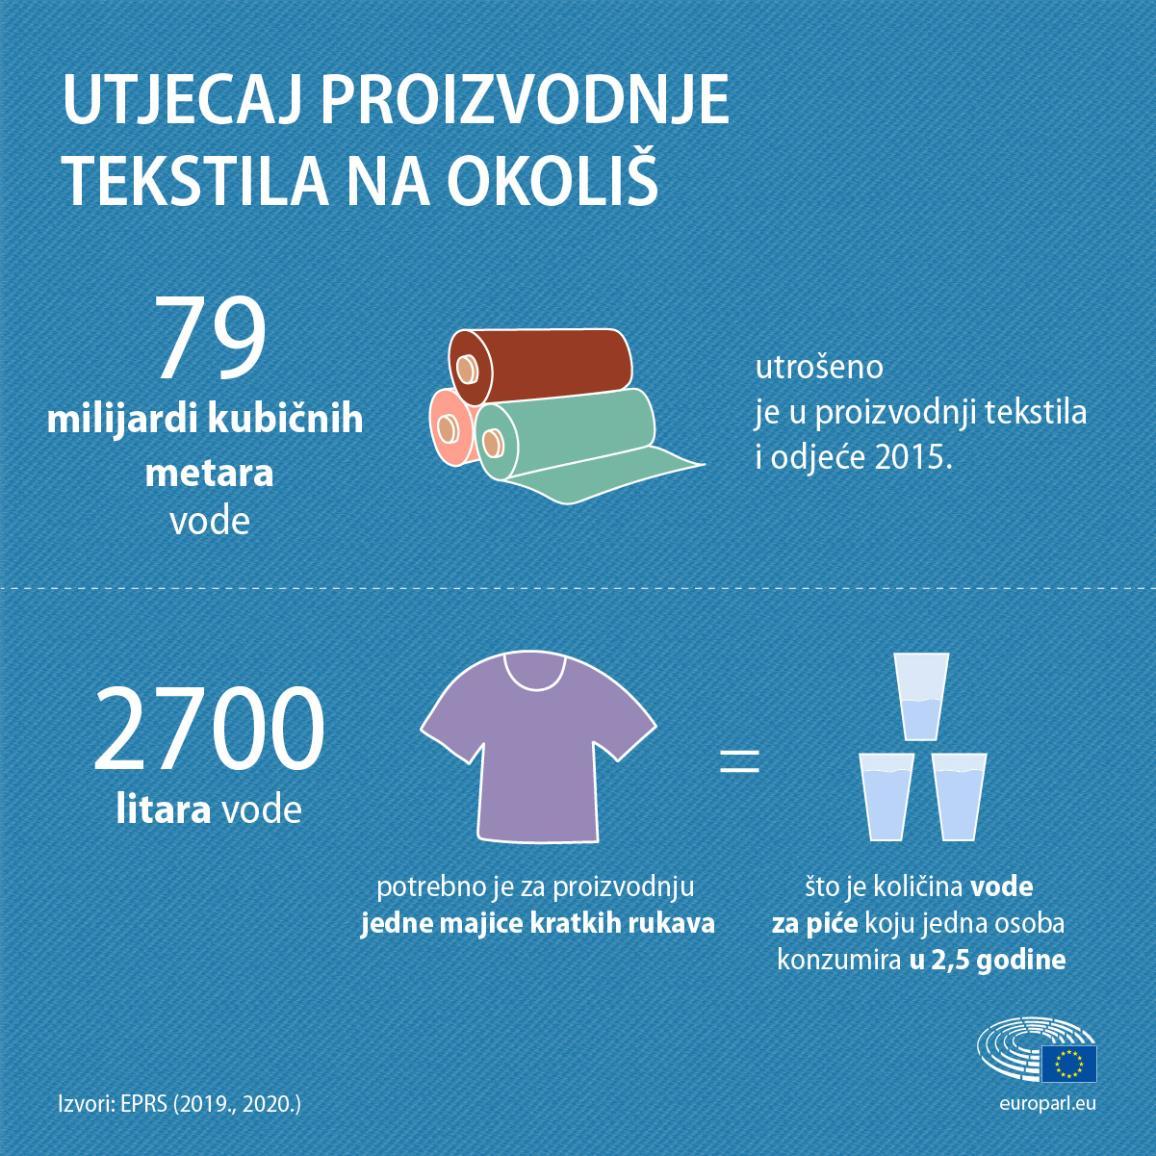 infografika s činjenicama i brojkama o utjecaju tekstila na okoliš